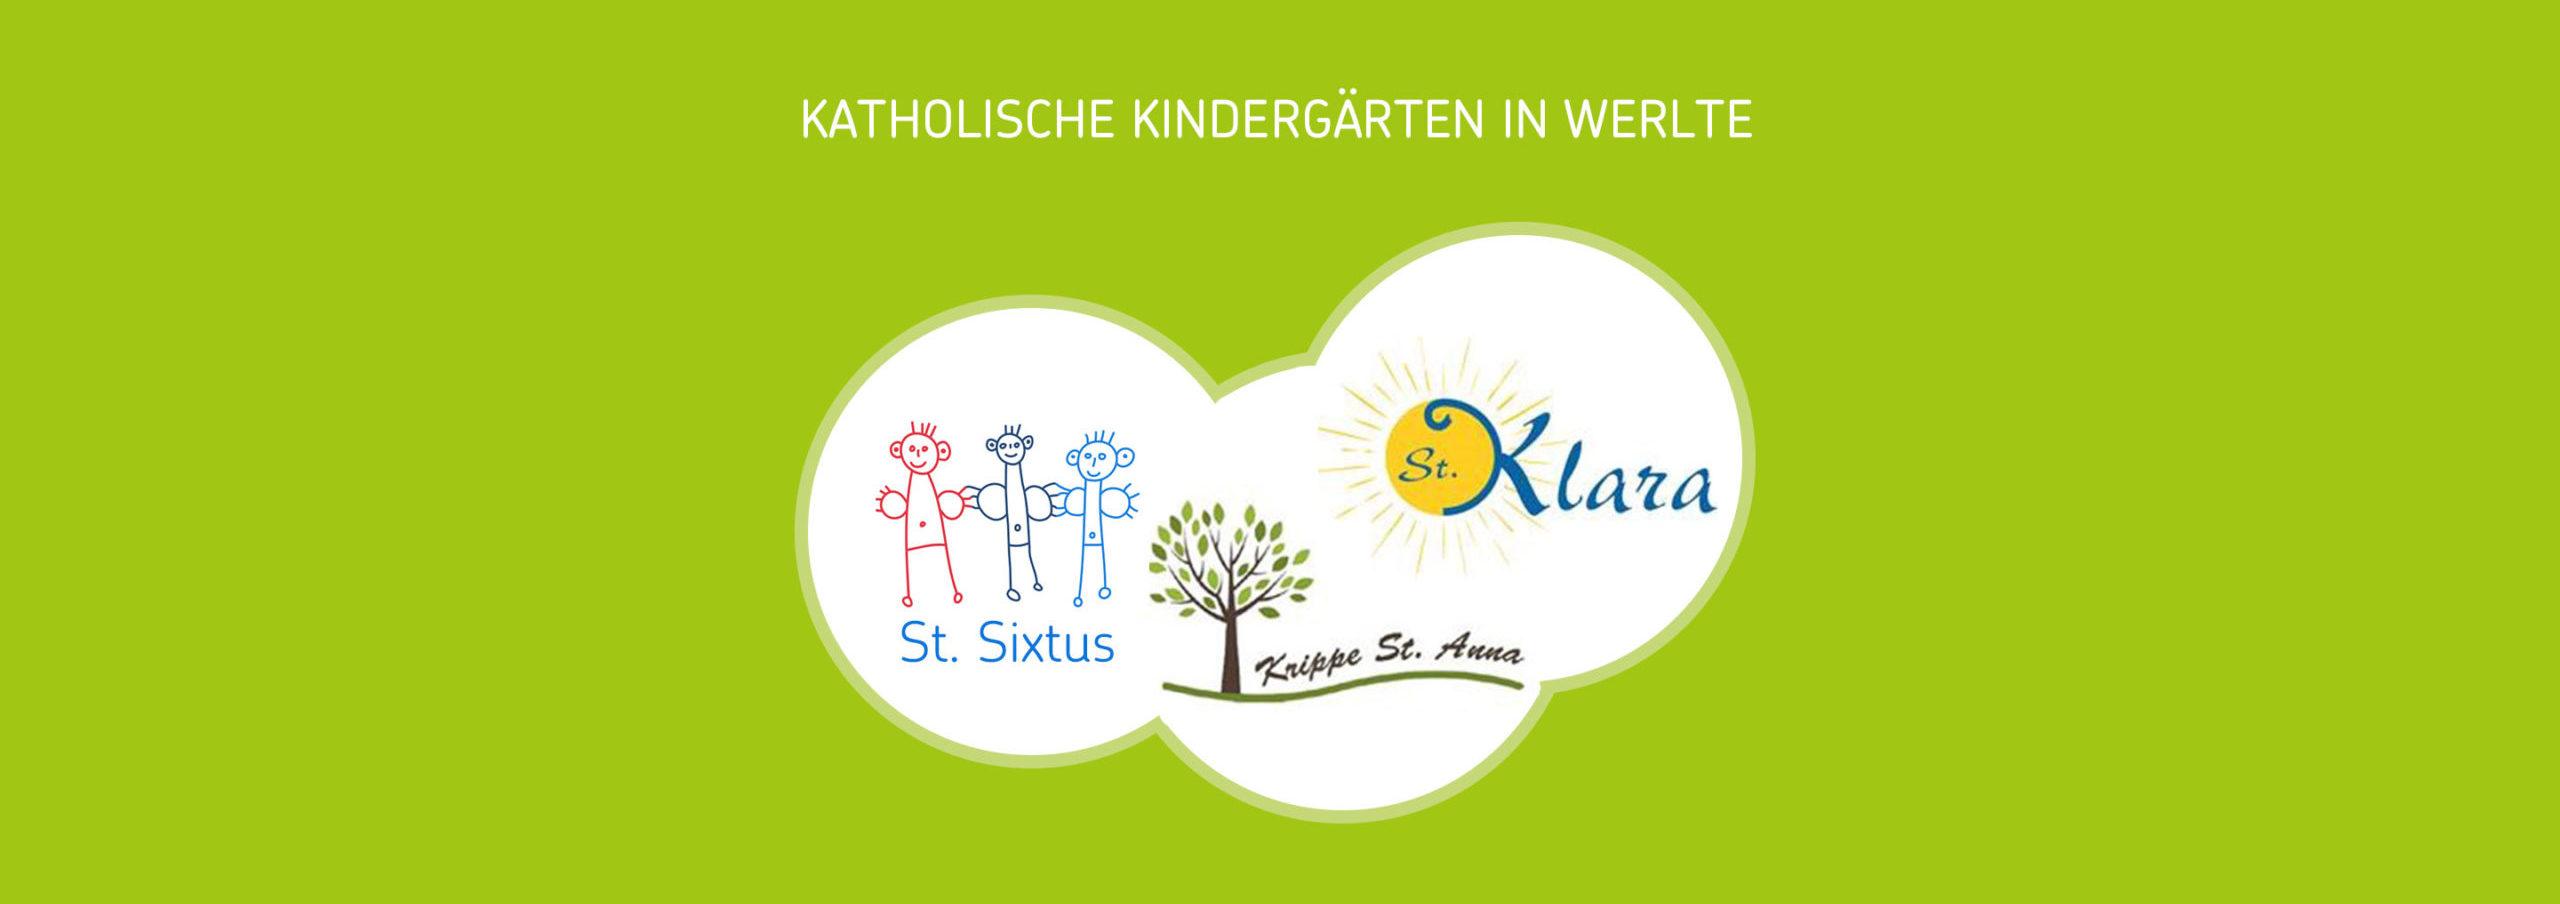 Katholische Kindergärten in Werlte